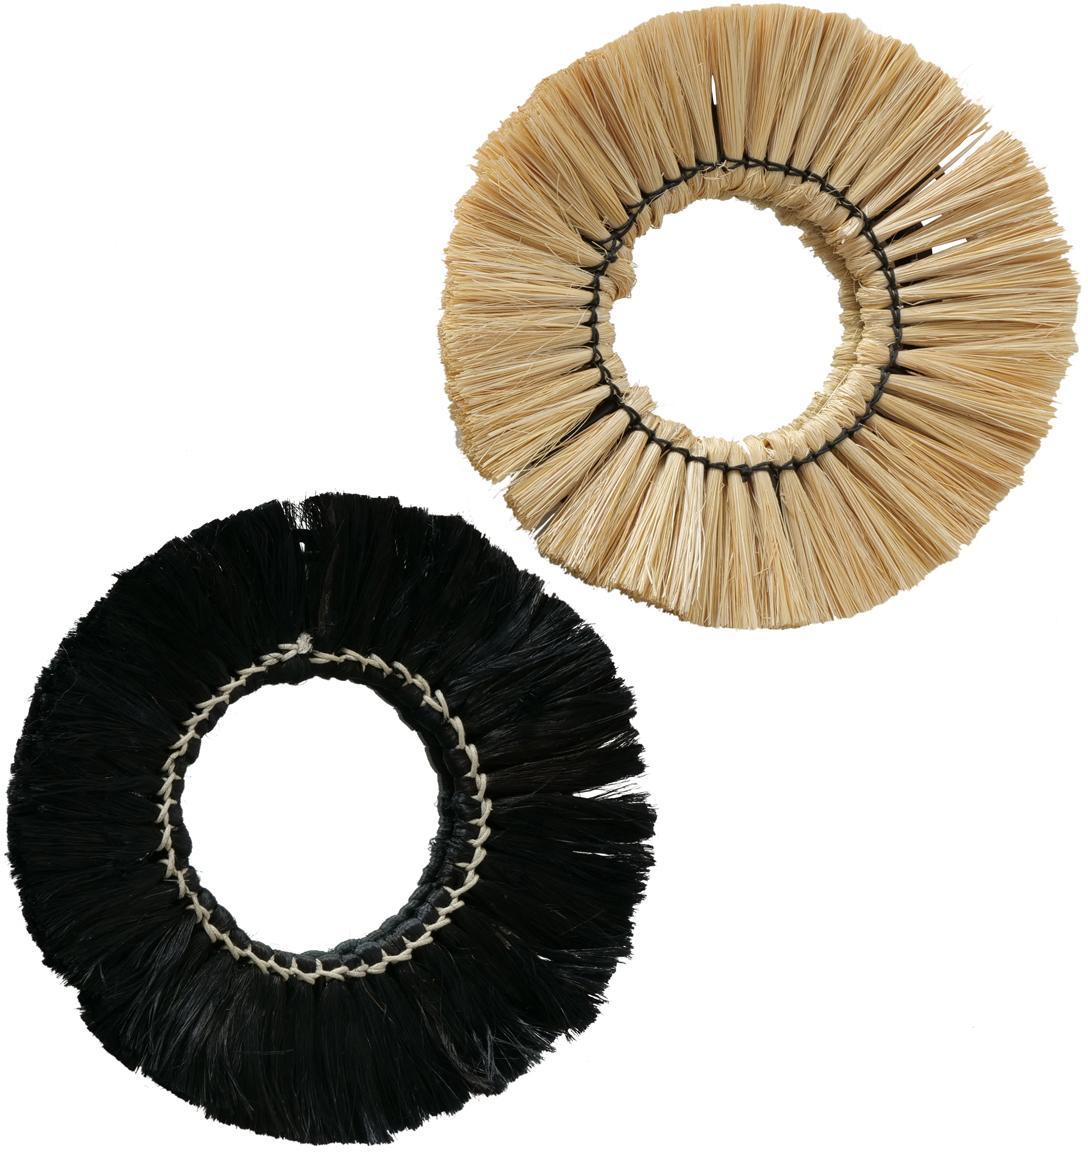 Okrągłe ręcznie wykonane lustro ścienne Mamesa, 2 elem., Metal, szkło lustrzane, Czarny, beżowy, Ø 25 cm